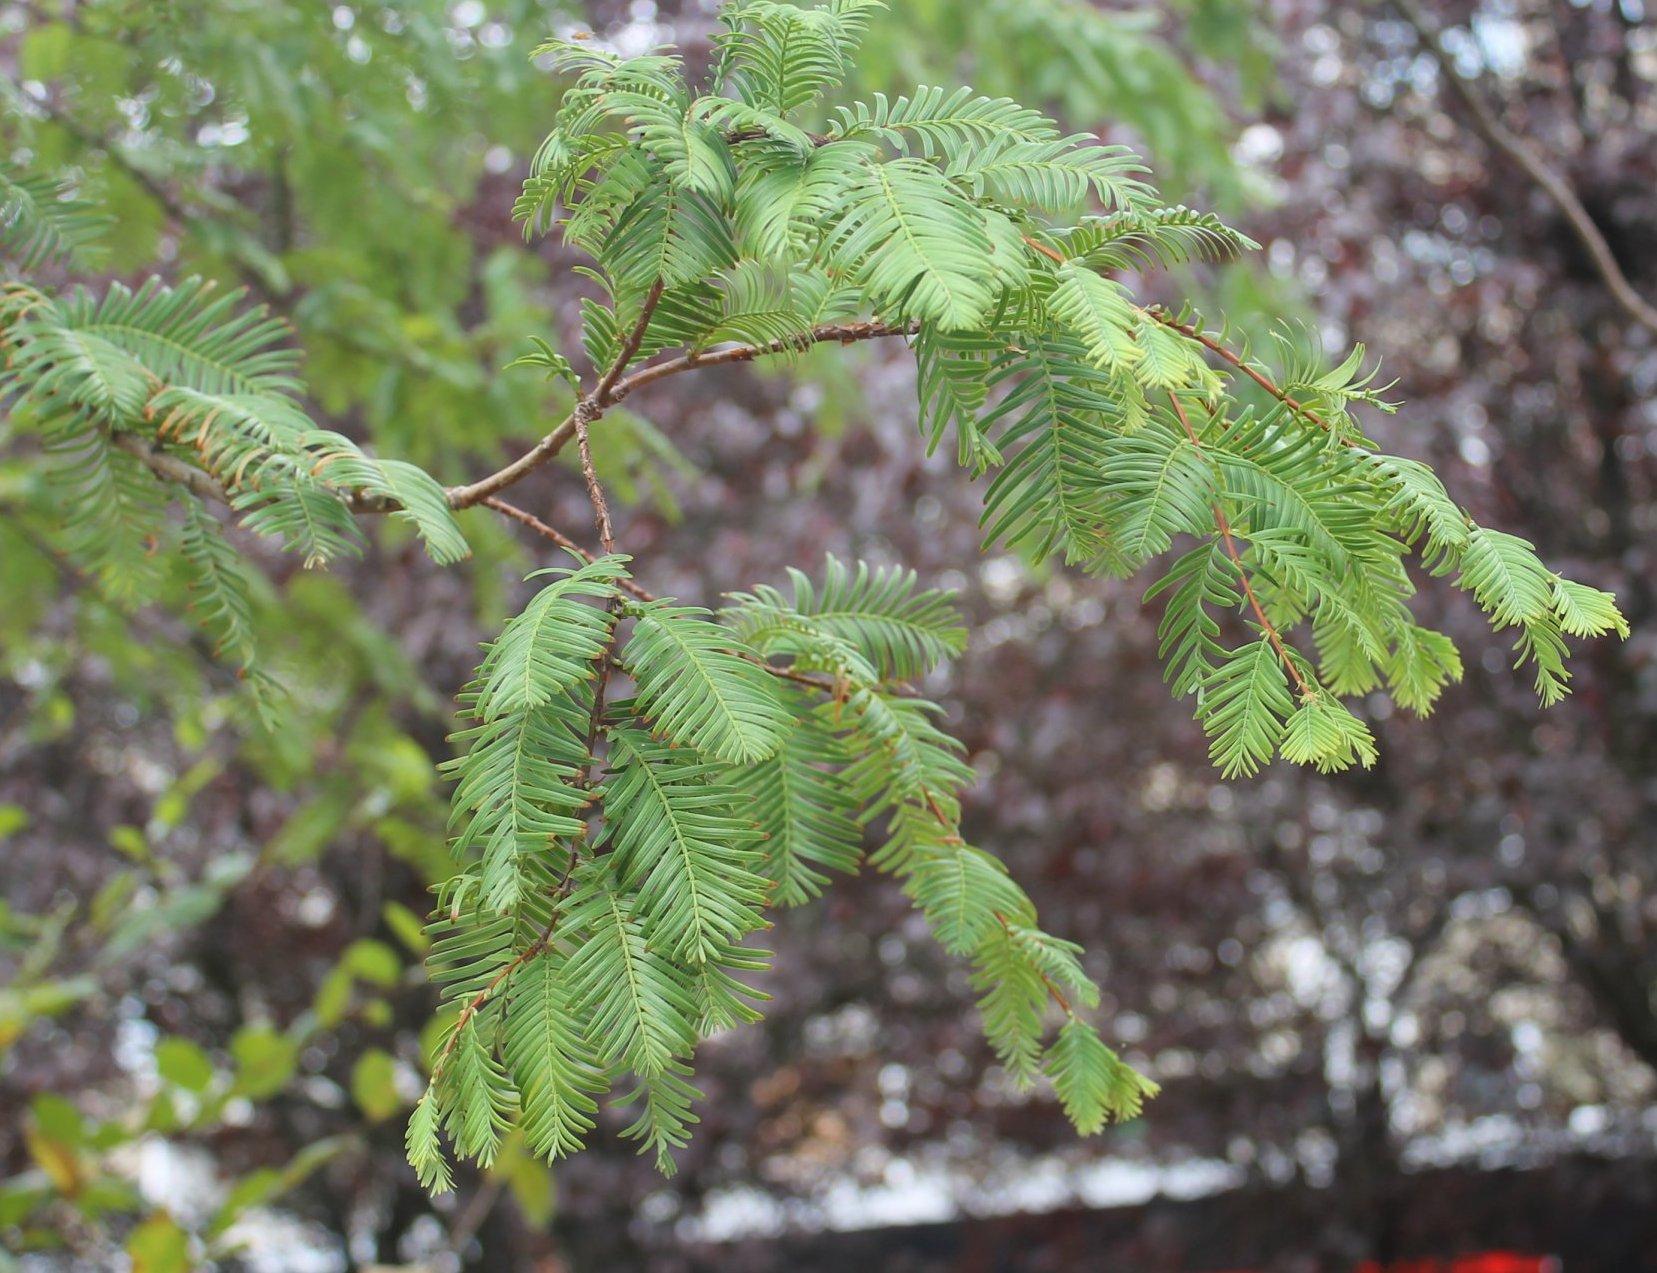 Das Bild zeigt die zweizeiligen Fiederblätter eines Urweltmammutbaumes im Kosmosviertel.